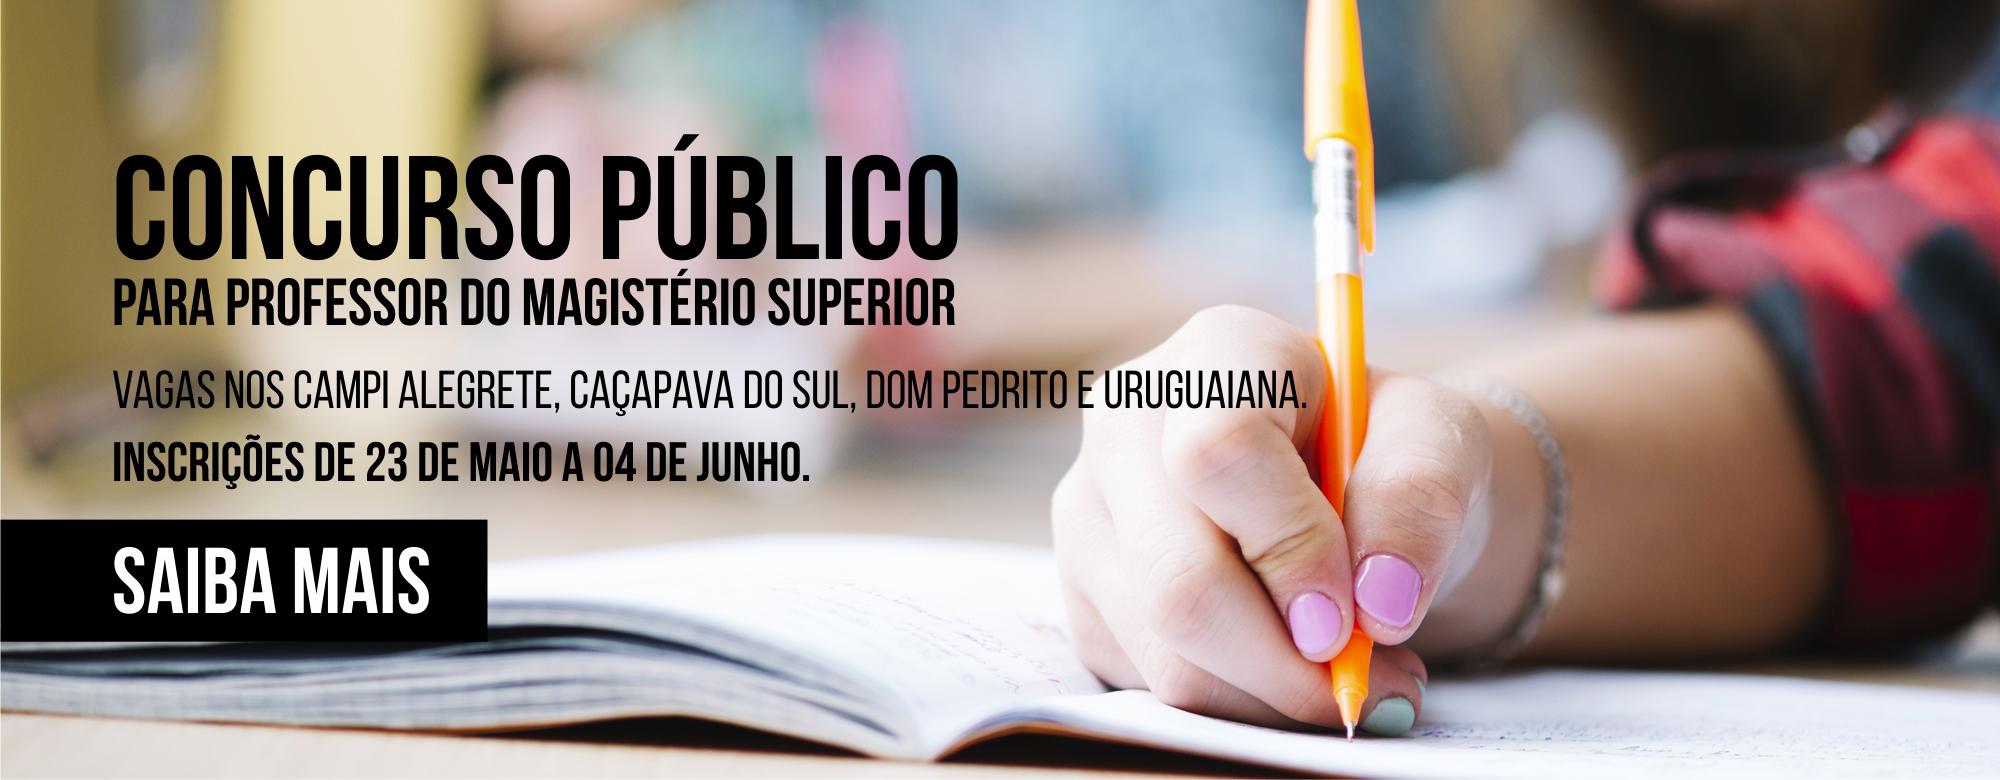 Anúncio do concurso público para professor do magistério superior da Unipampa.